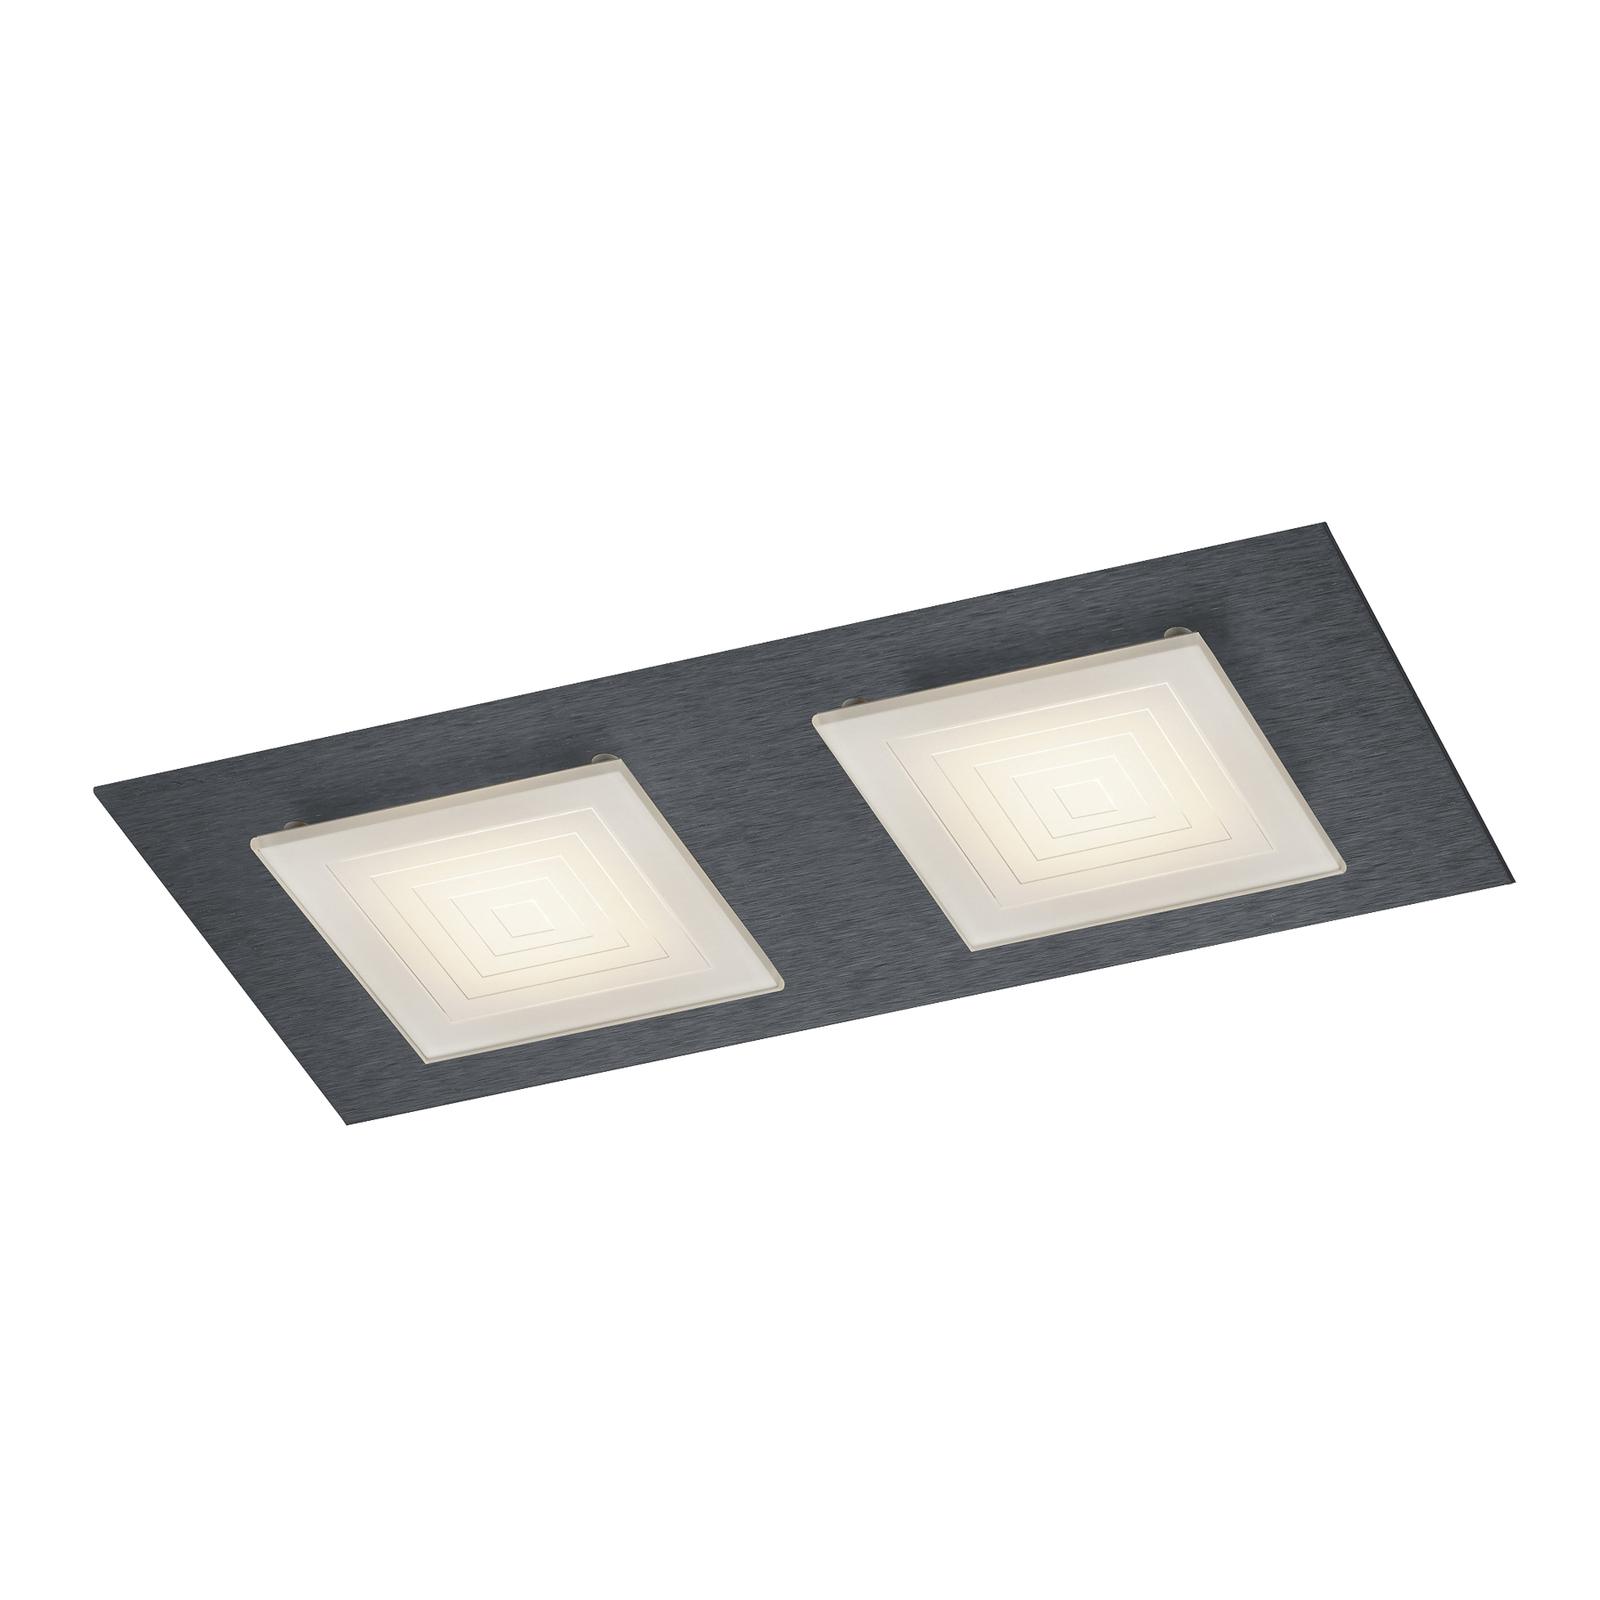 BANKAMP Ino LED-Deckenleuchte 2-flammig anthrazit